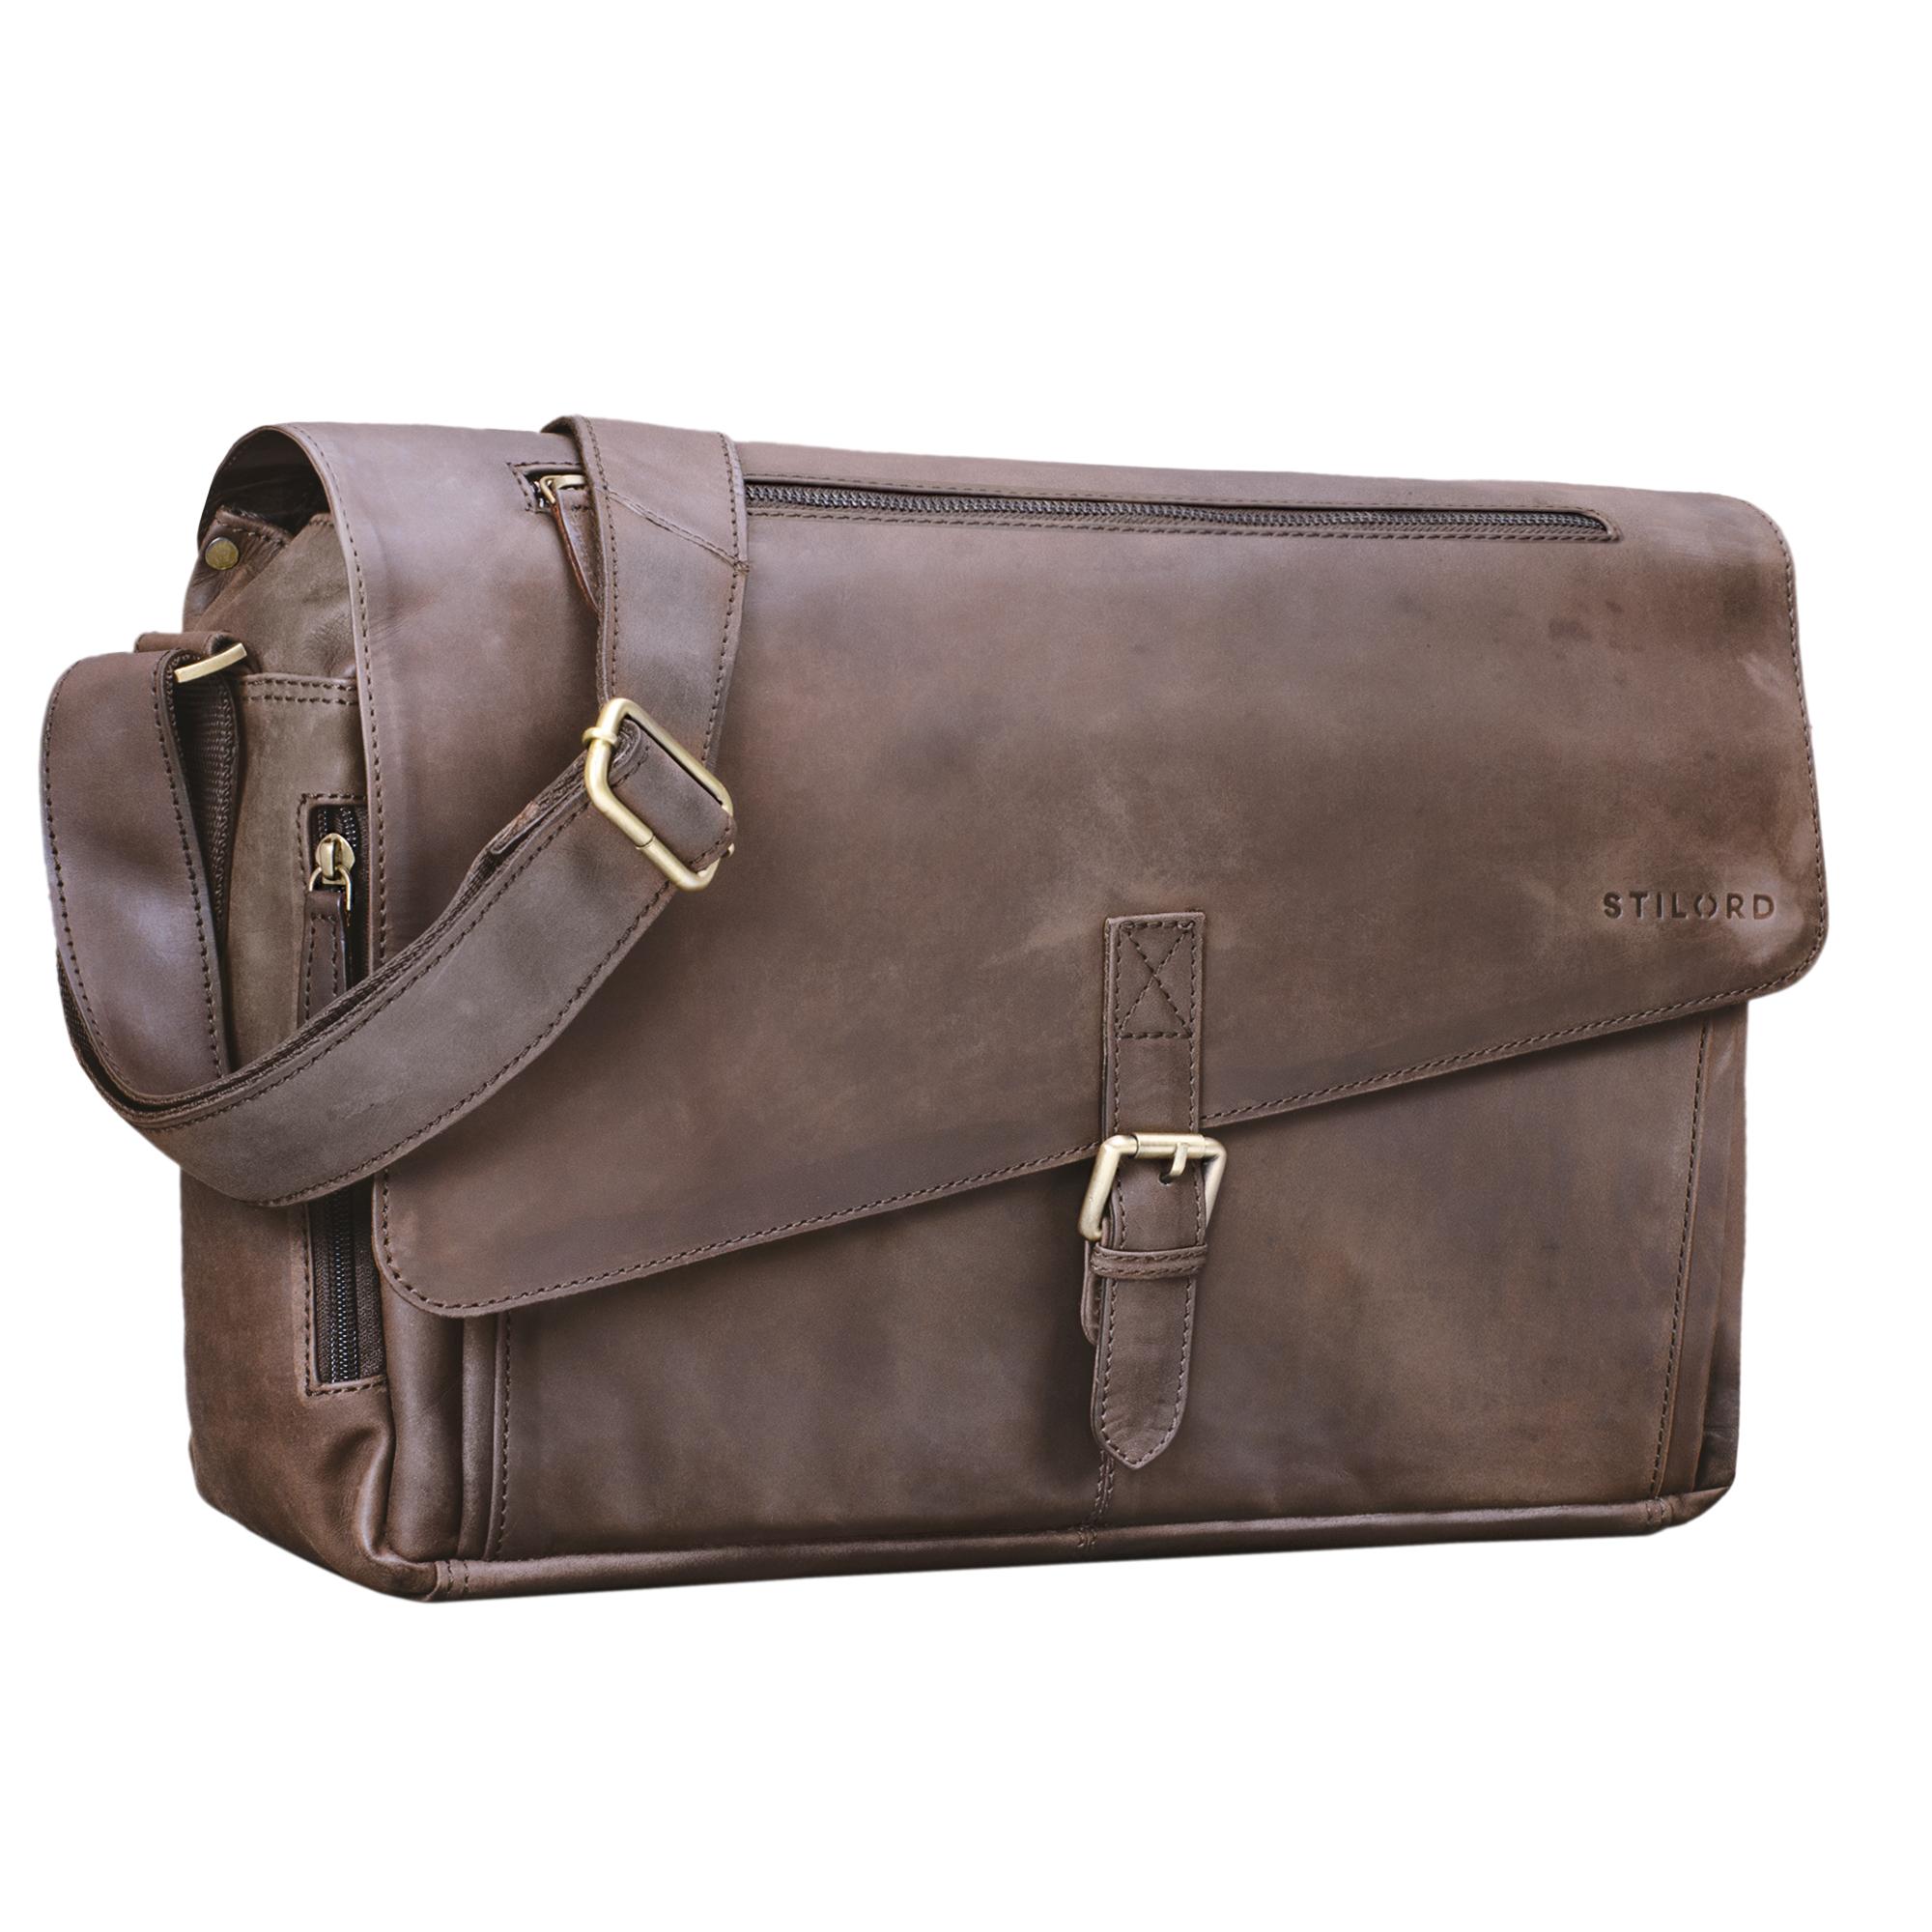 """STILORD """"Merlin"""" Vintage Leder Umhängetasche Damen Herren klassische Aktentasche für Arbeit Büro große Unitasche mit 15.6 Zoll Laptopfach echtes Leder - Bild 11"""